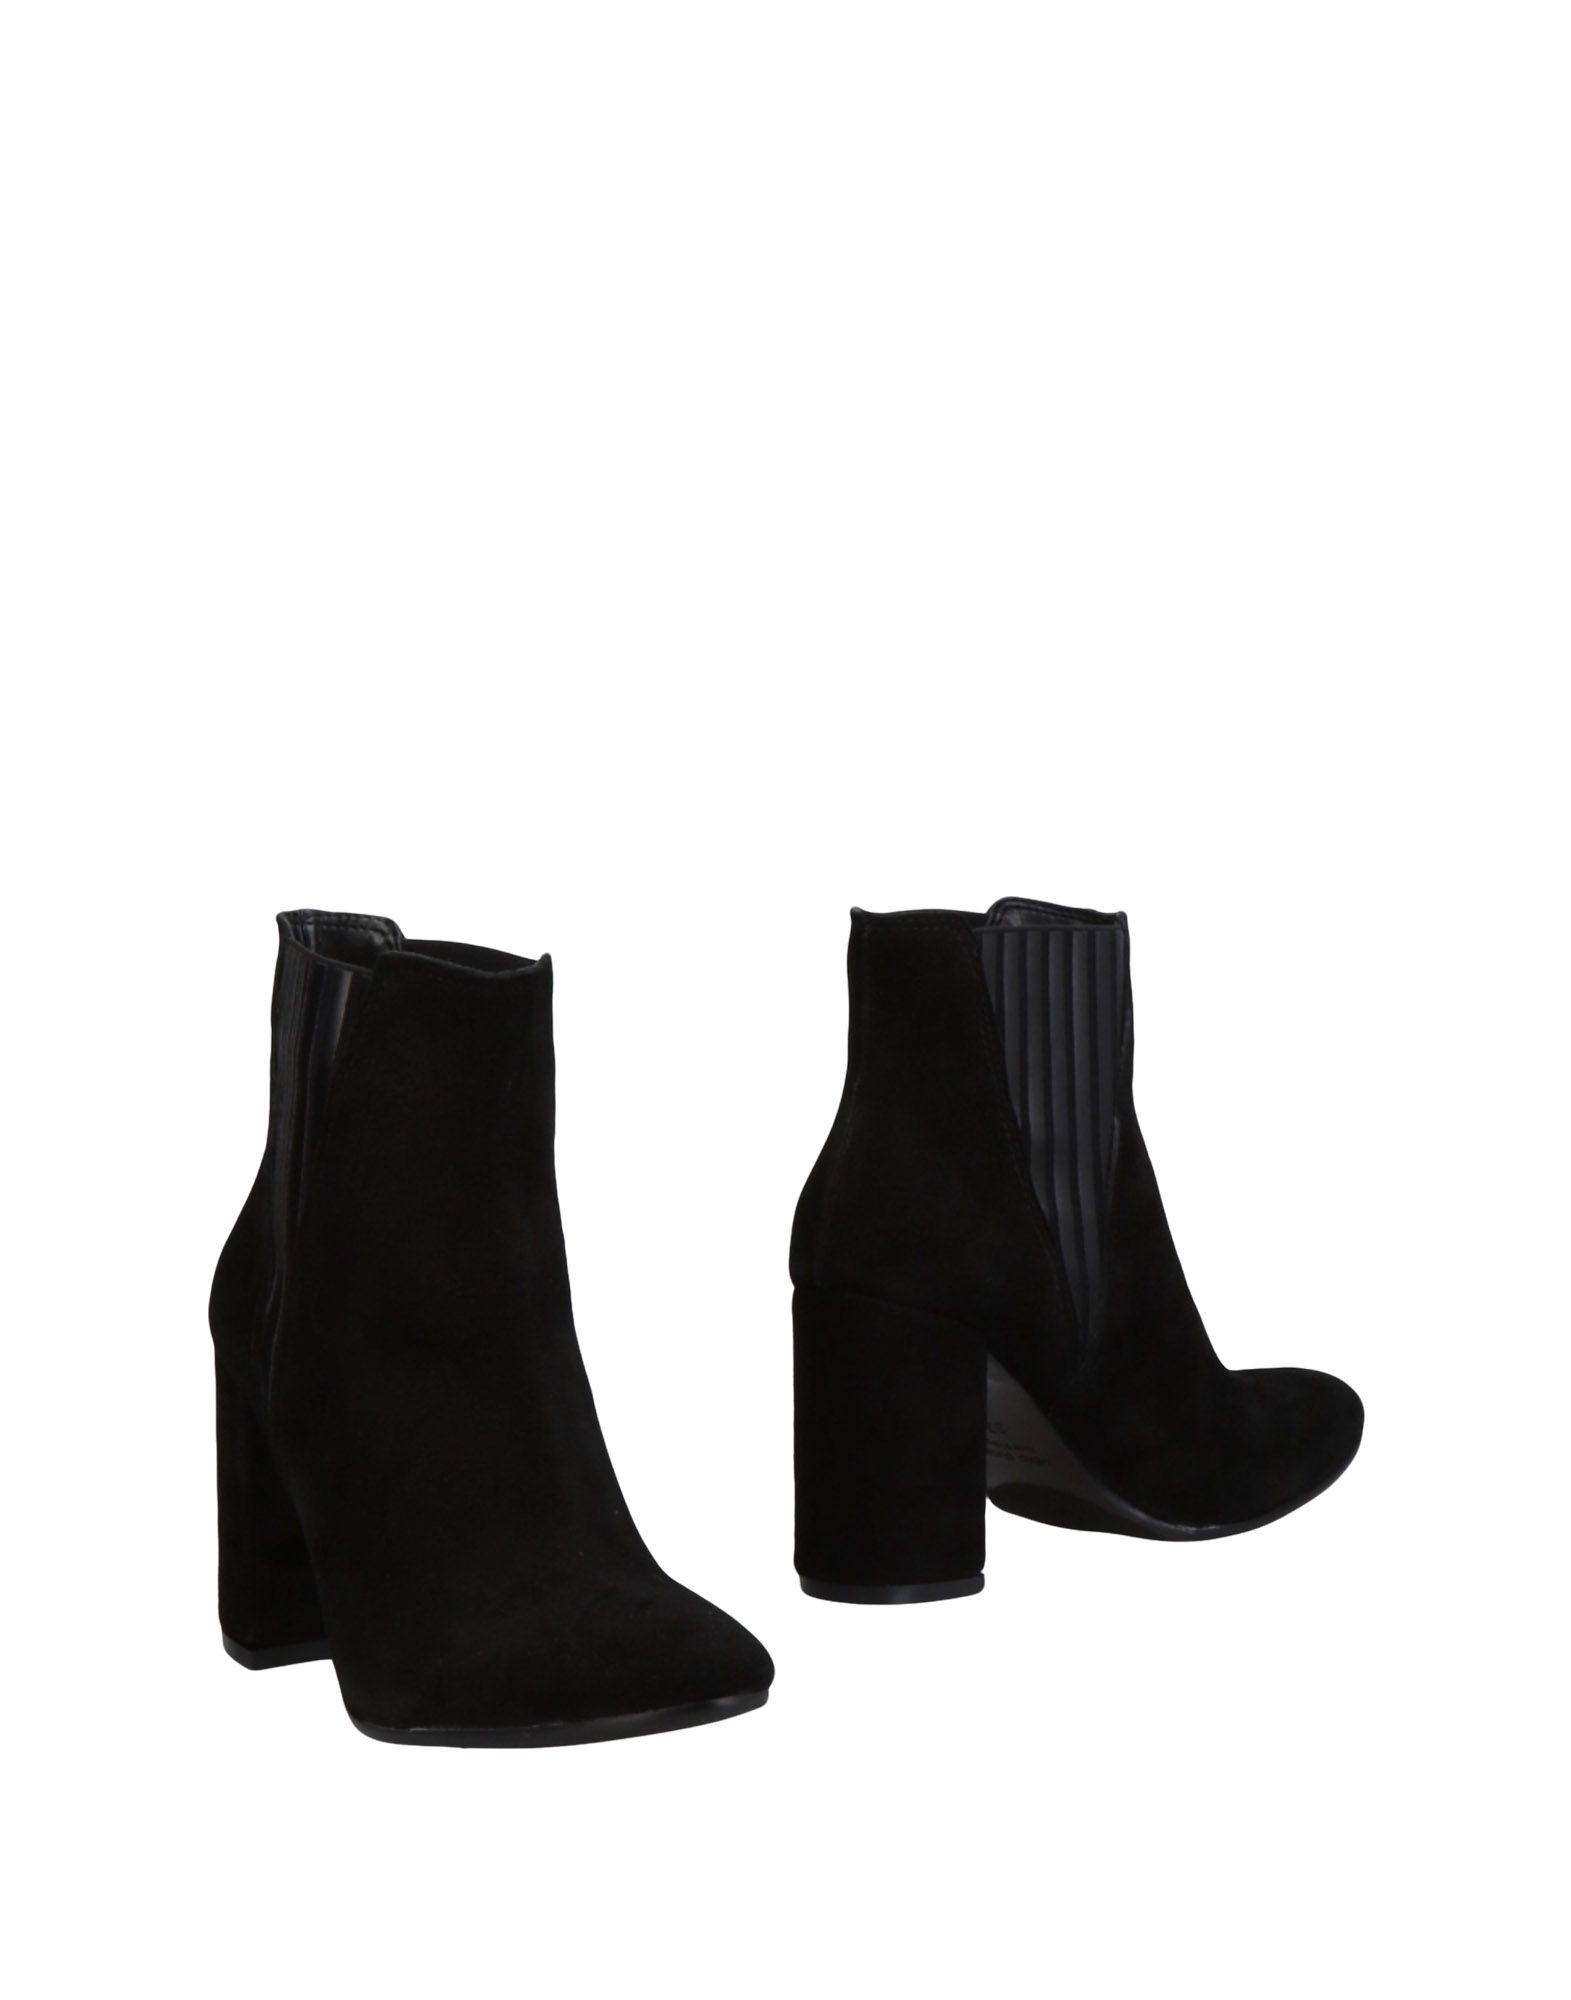 Chelsea Boots Rose Noire 11464559WP Donna - 11464559WP Noire 9d2f5b